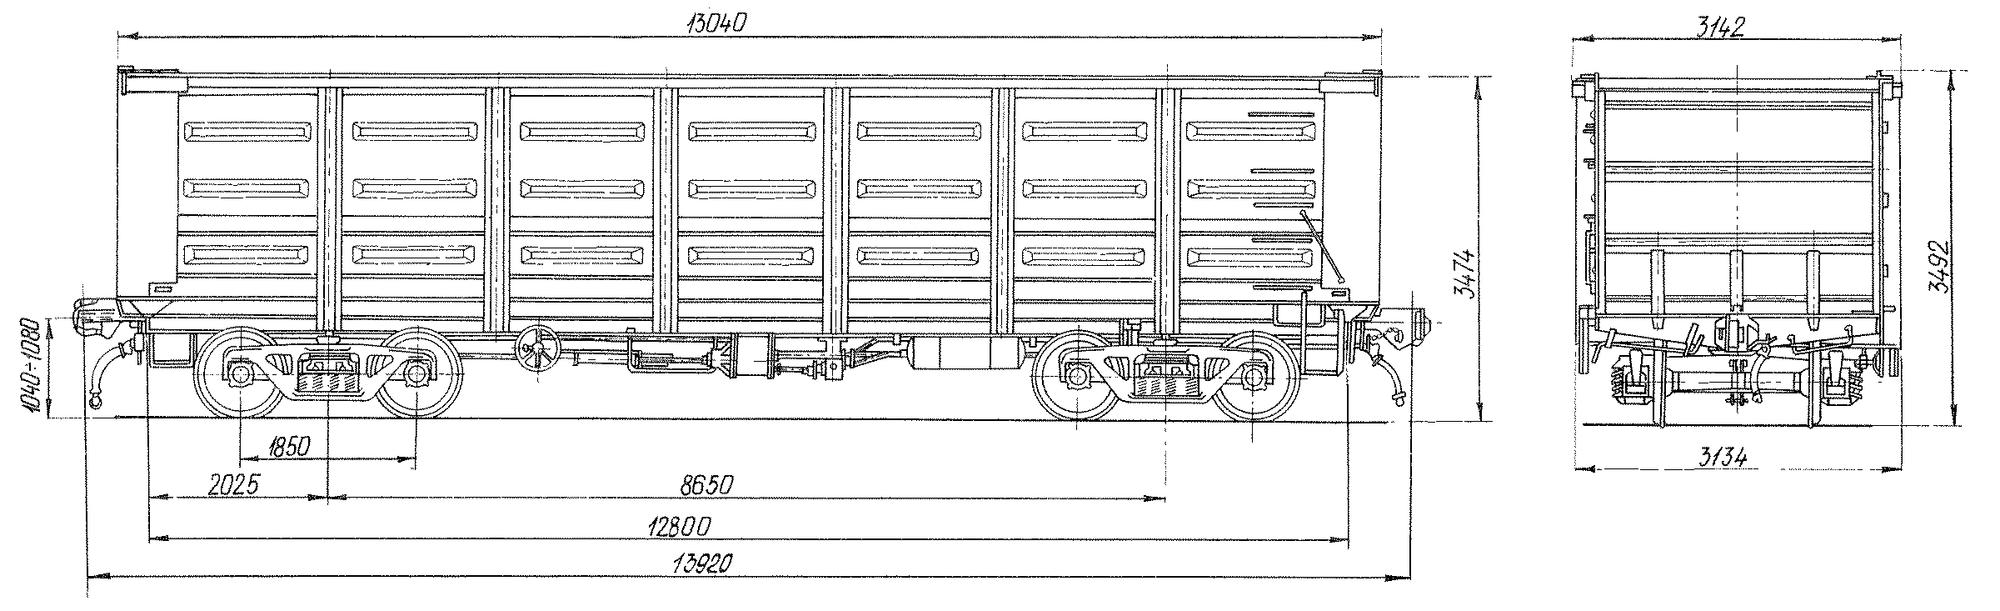 4-осный полувагон с глухим кузовом